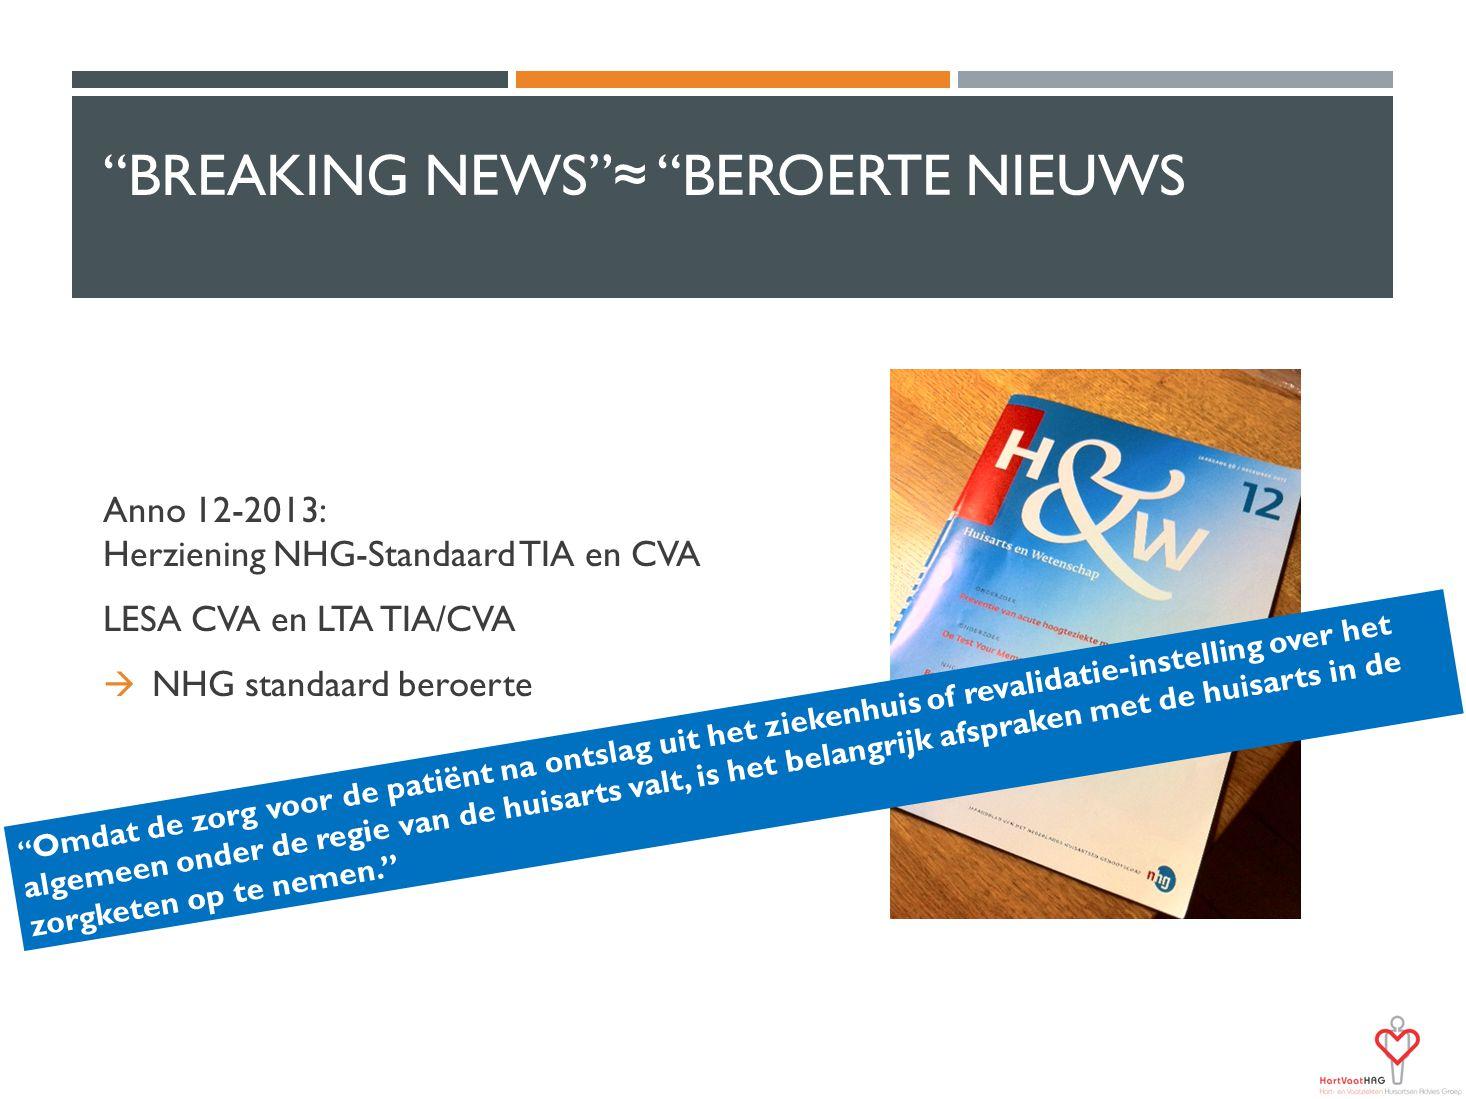 Breaking news ≈ Beroerte Nieuws